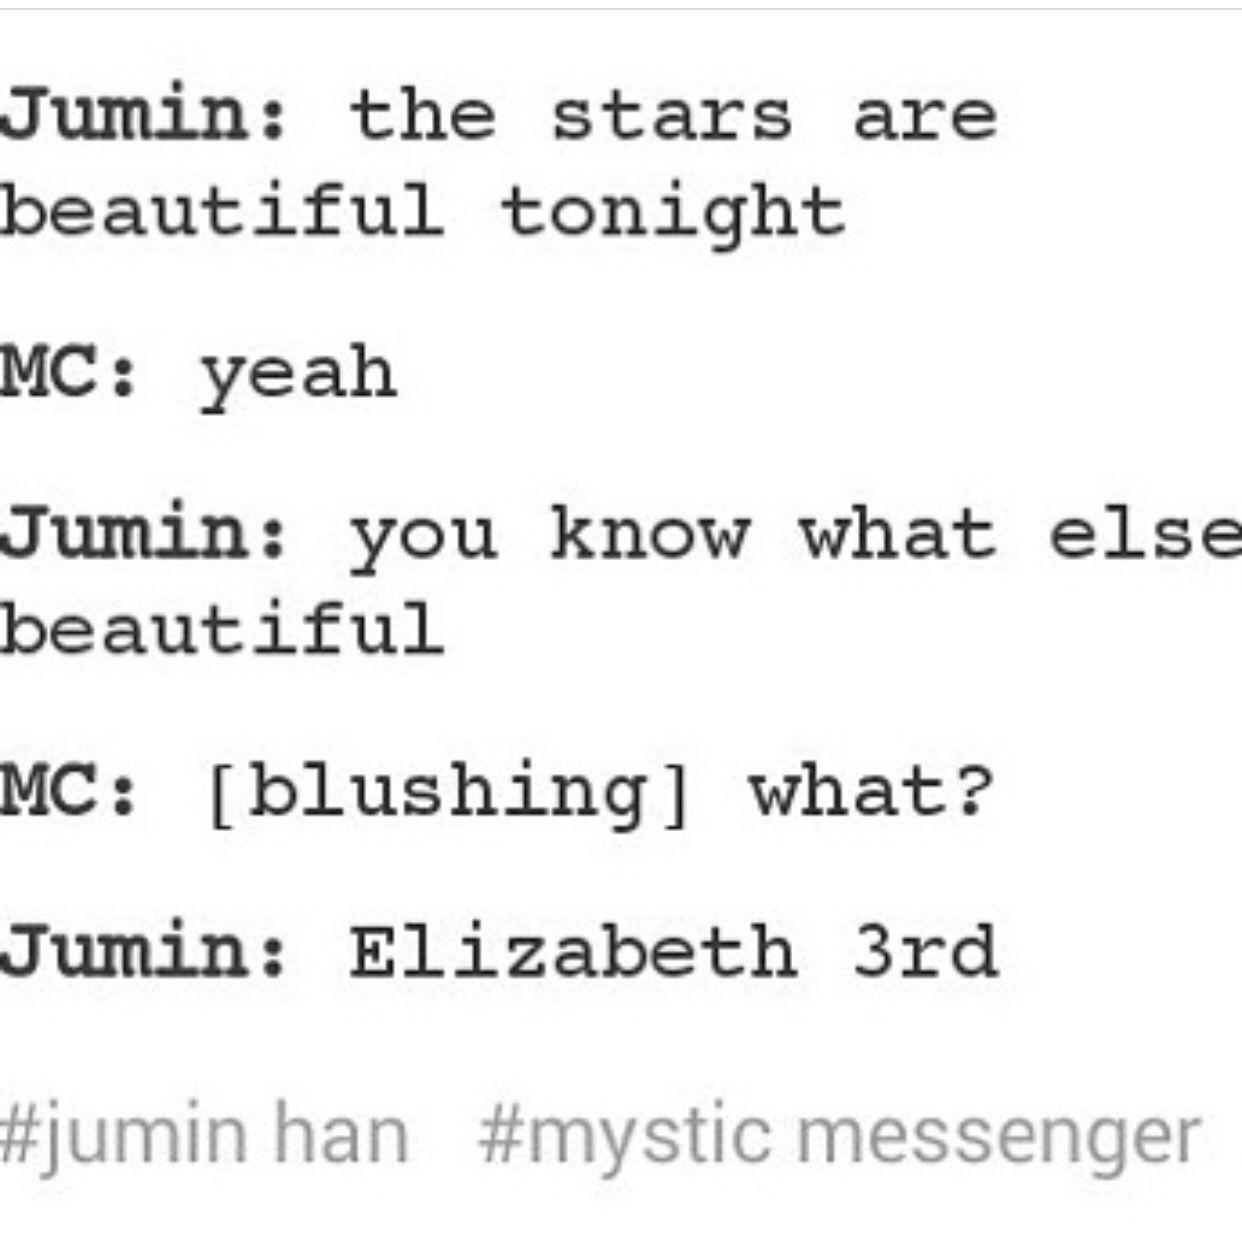 -_-... Wow Jumin wow...